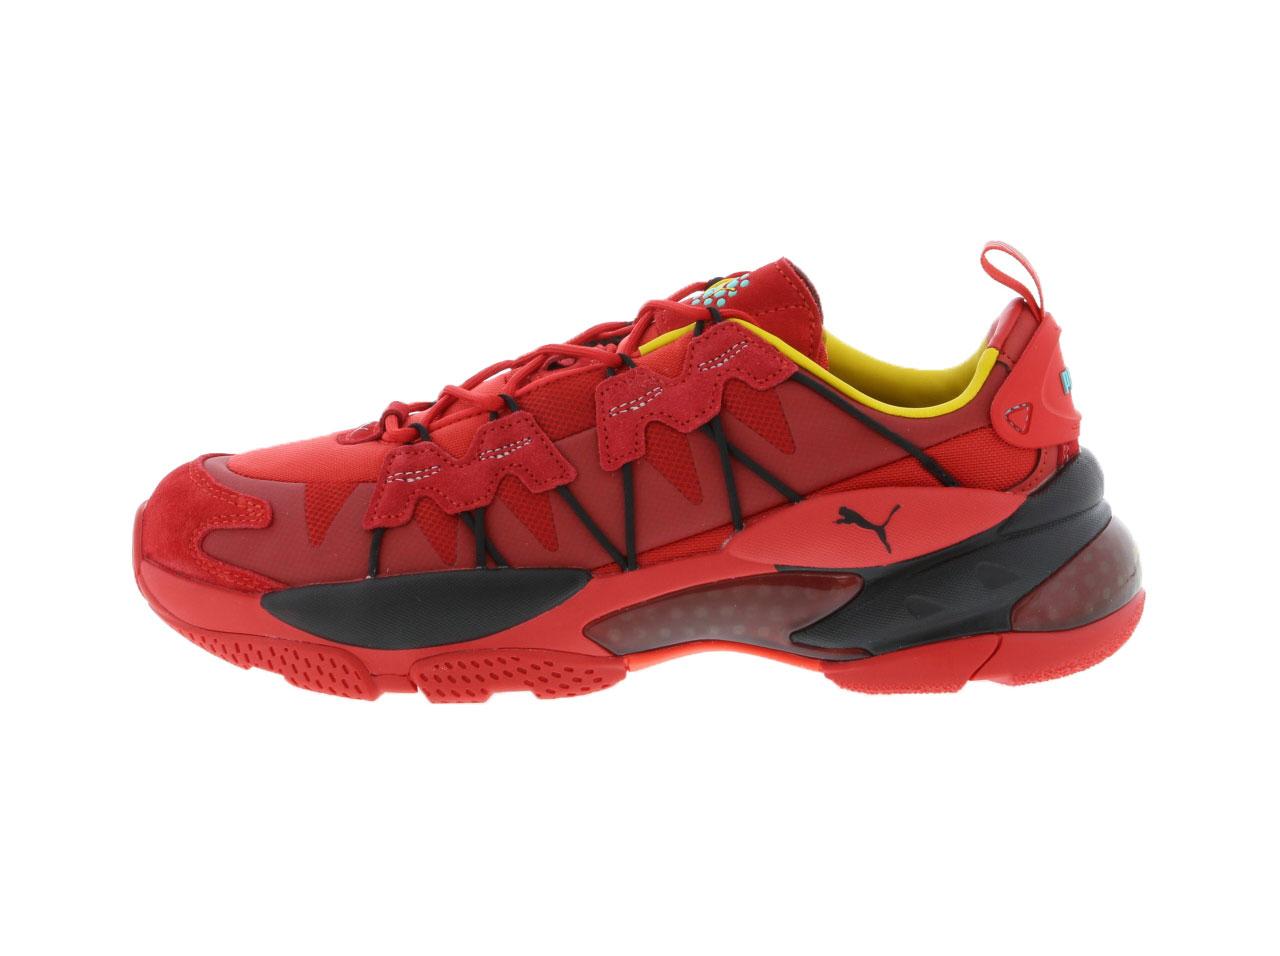 メンズ靴, スニーカー OUTLETPUMA LQD CELL OMEGA MANGA CULT(370735-01)